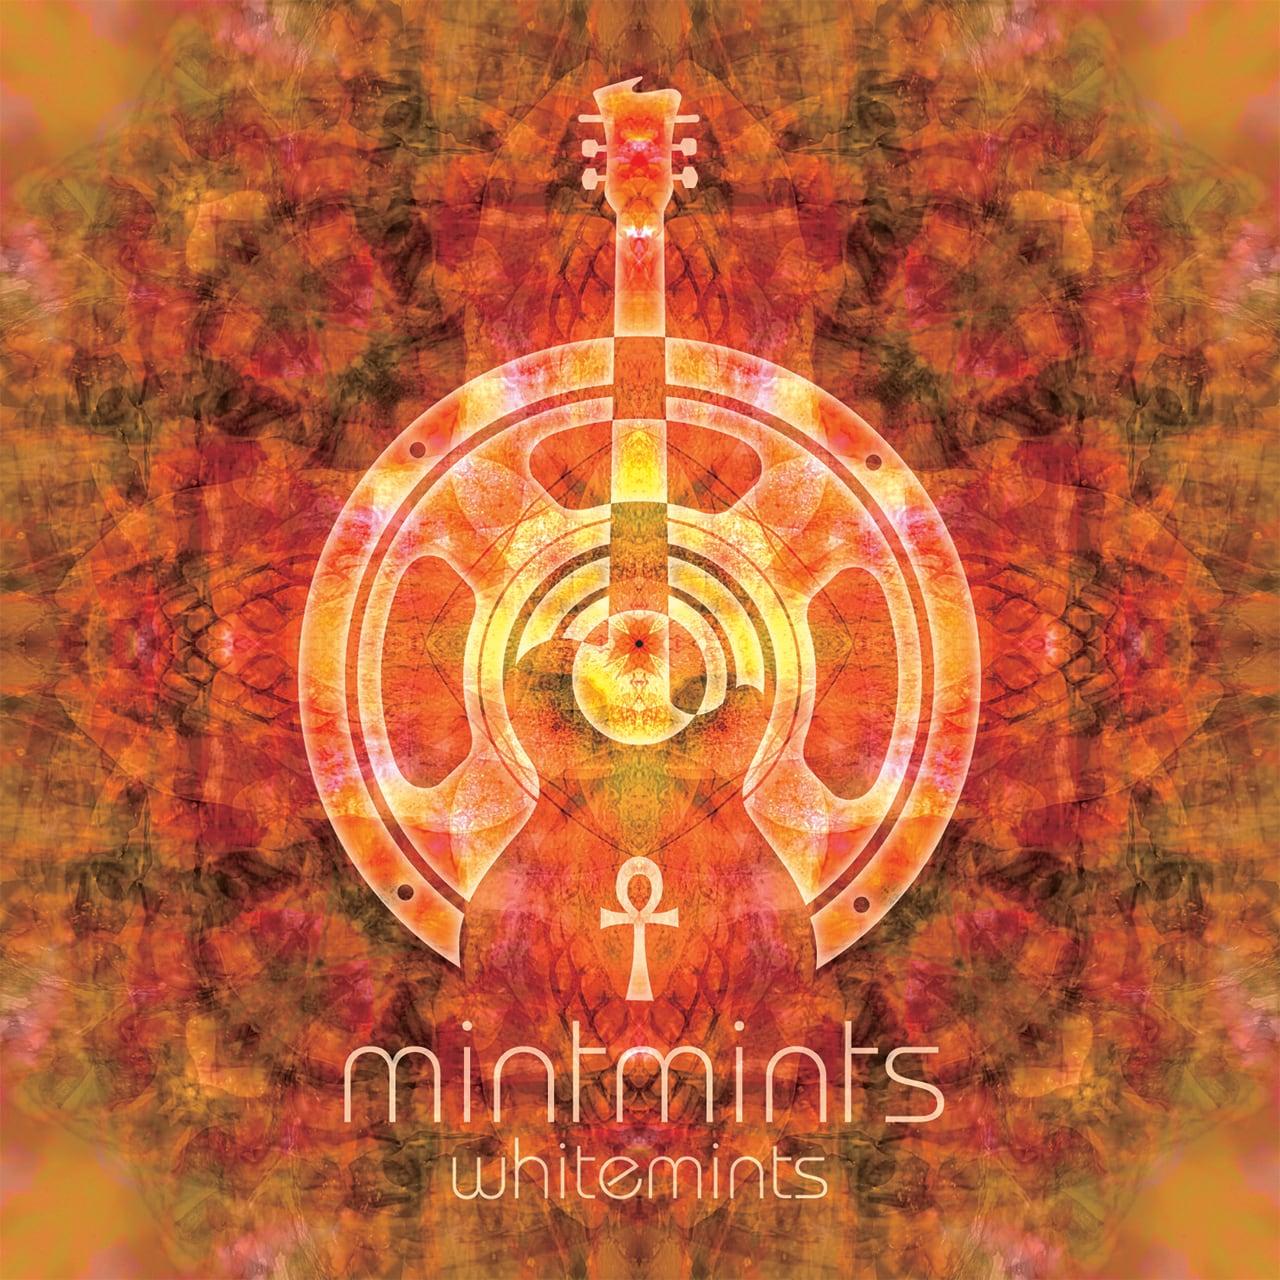 完売御礼☆CD:『whitemints』mintmints(ミントミンツ) - 画像1